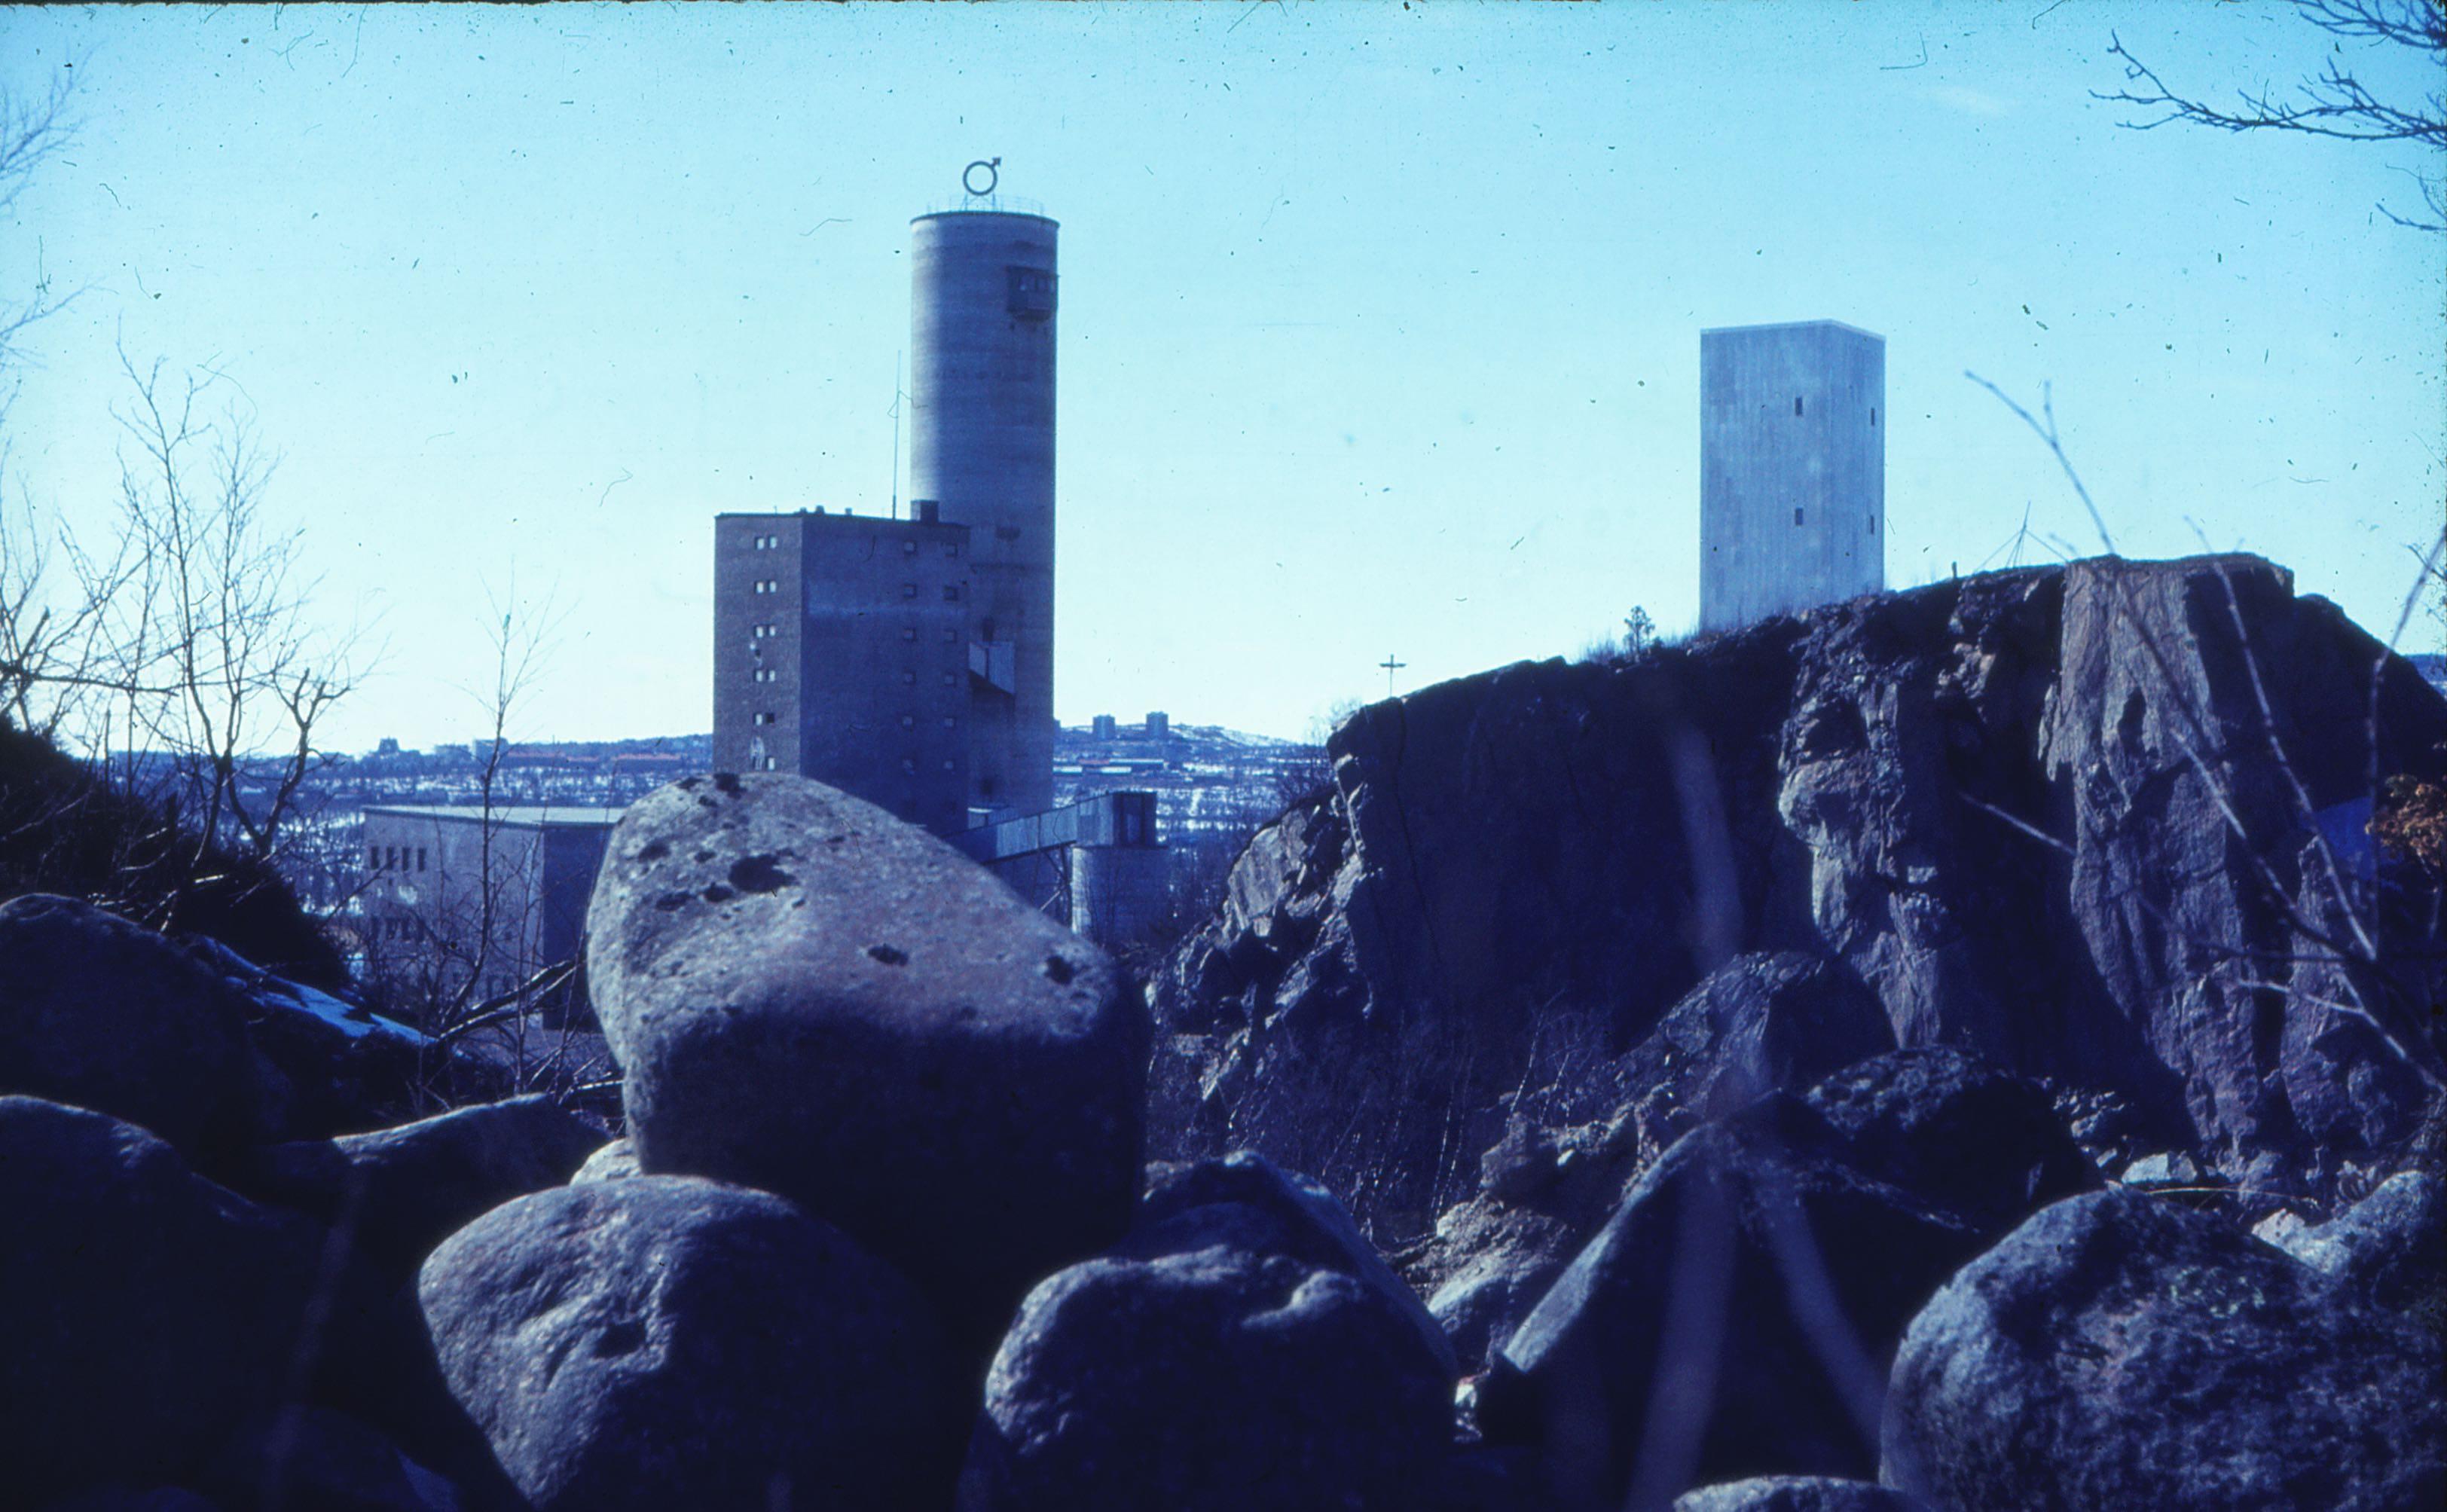 tuollavaara-skyline